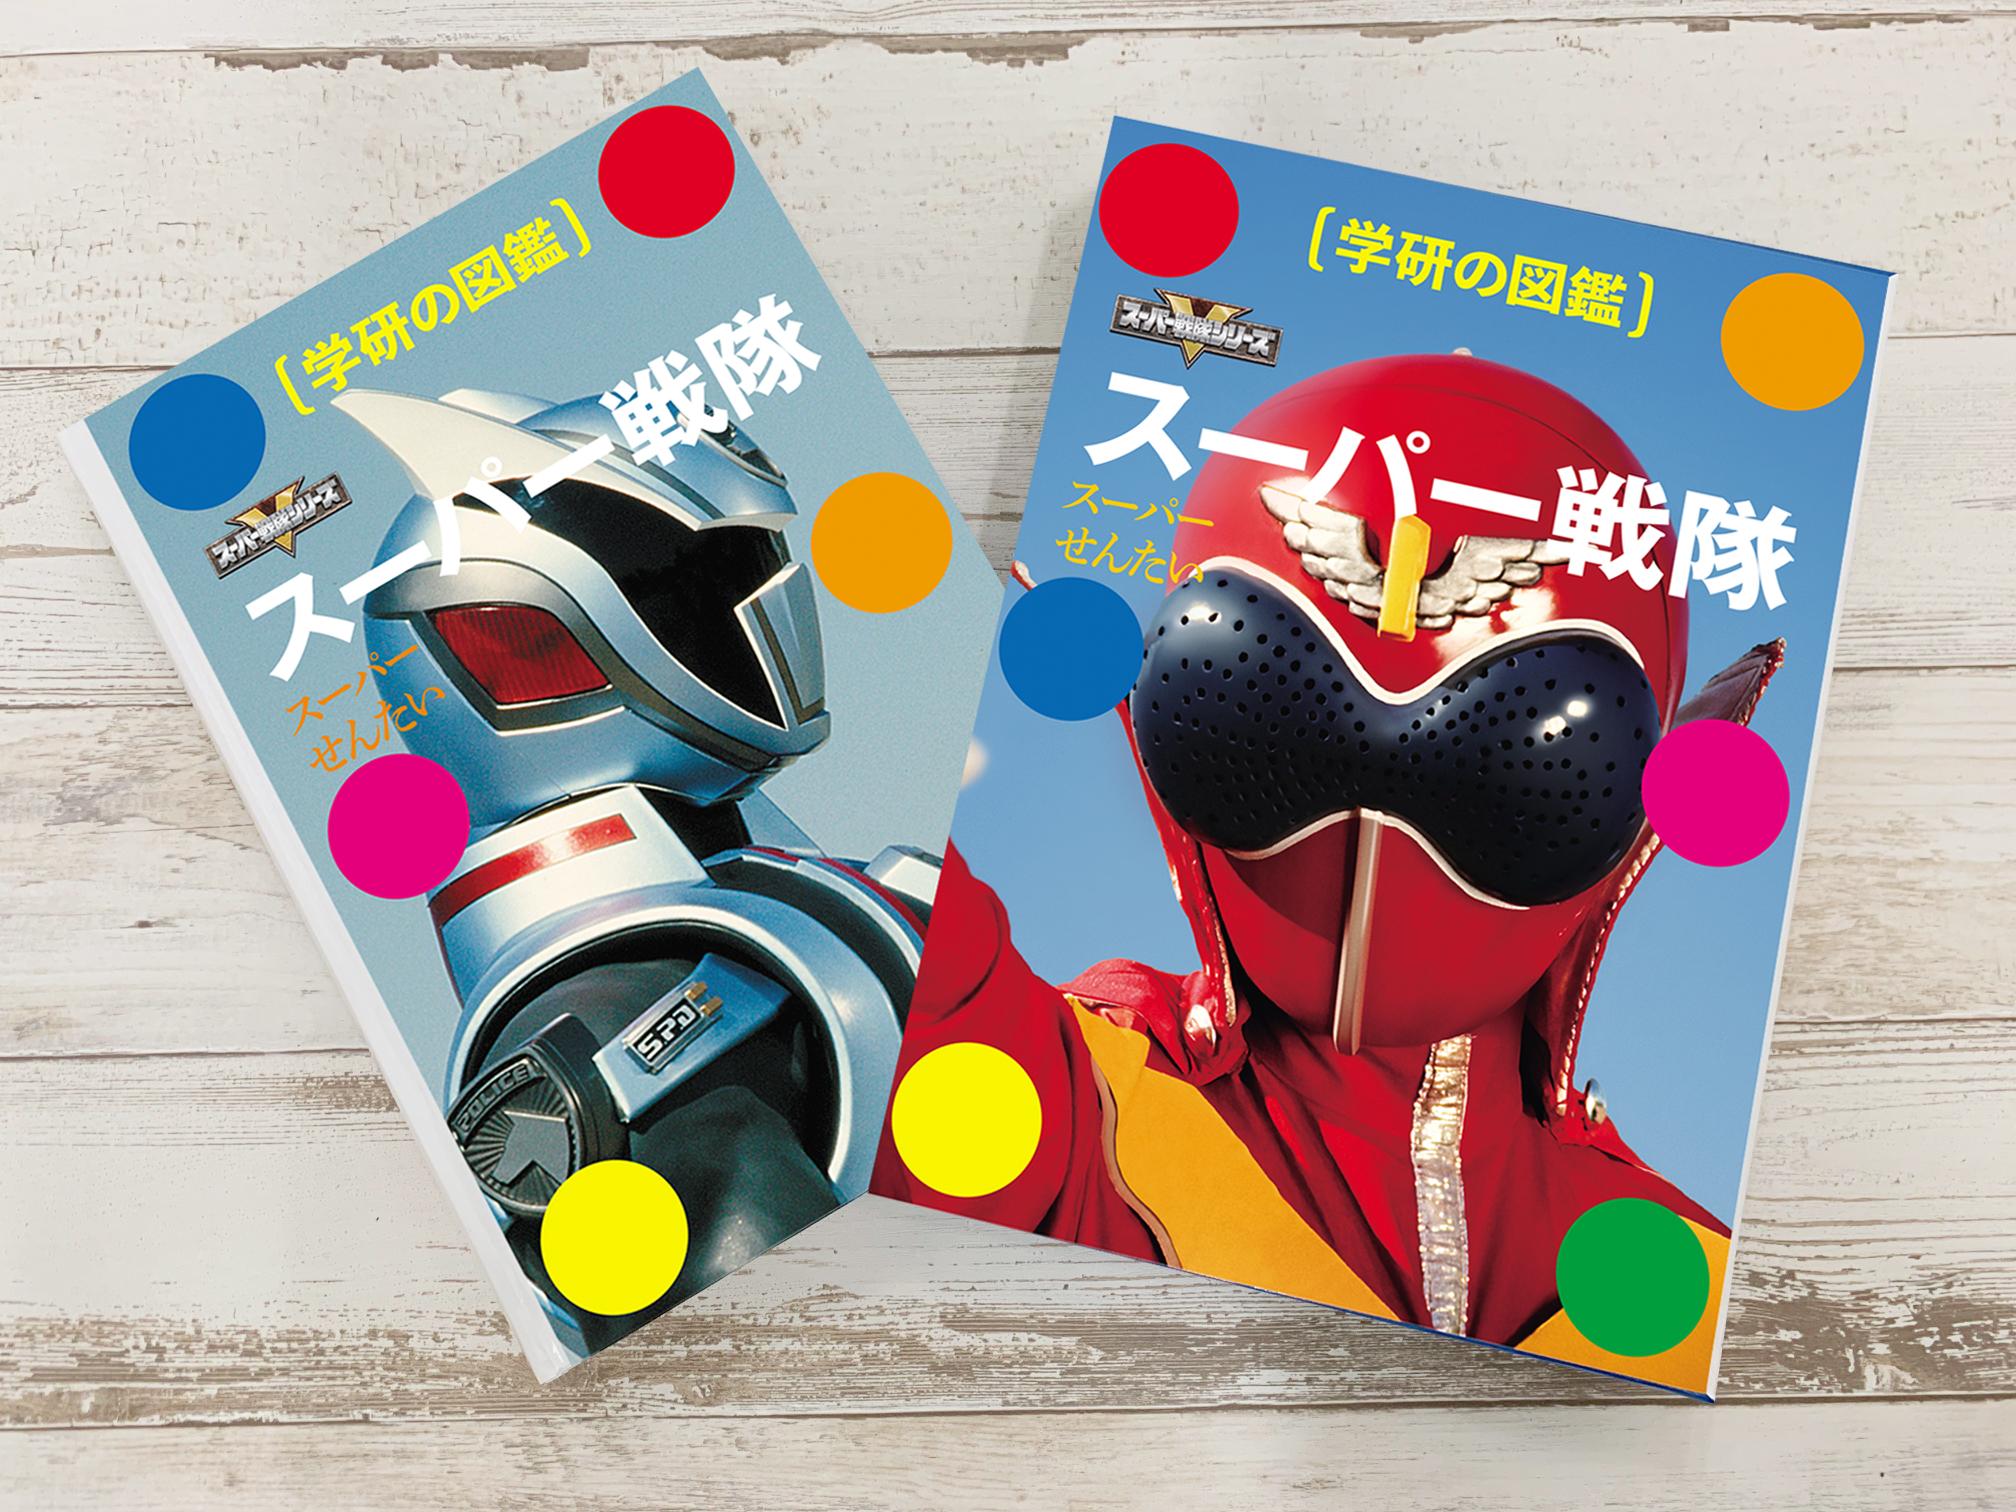 「学研の図鑑 スーパー戦隊」ケースと表紙